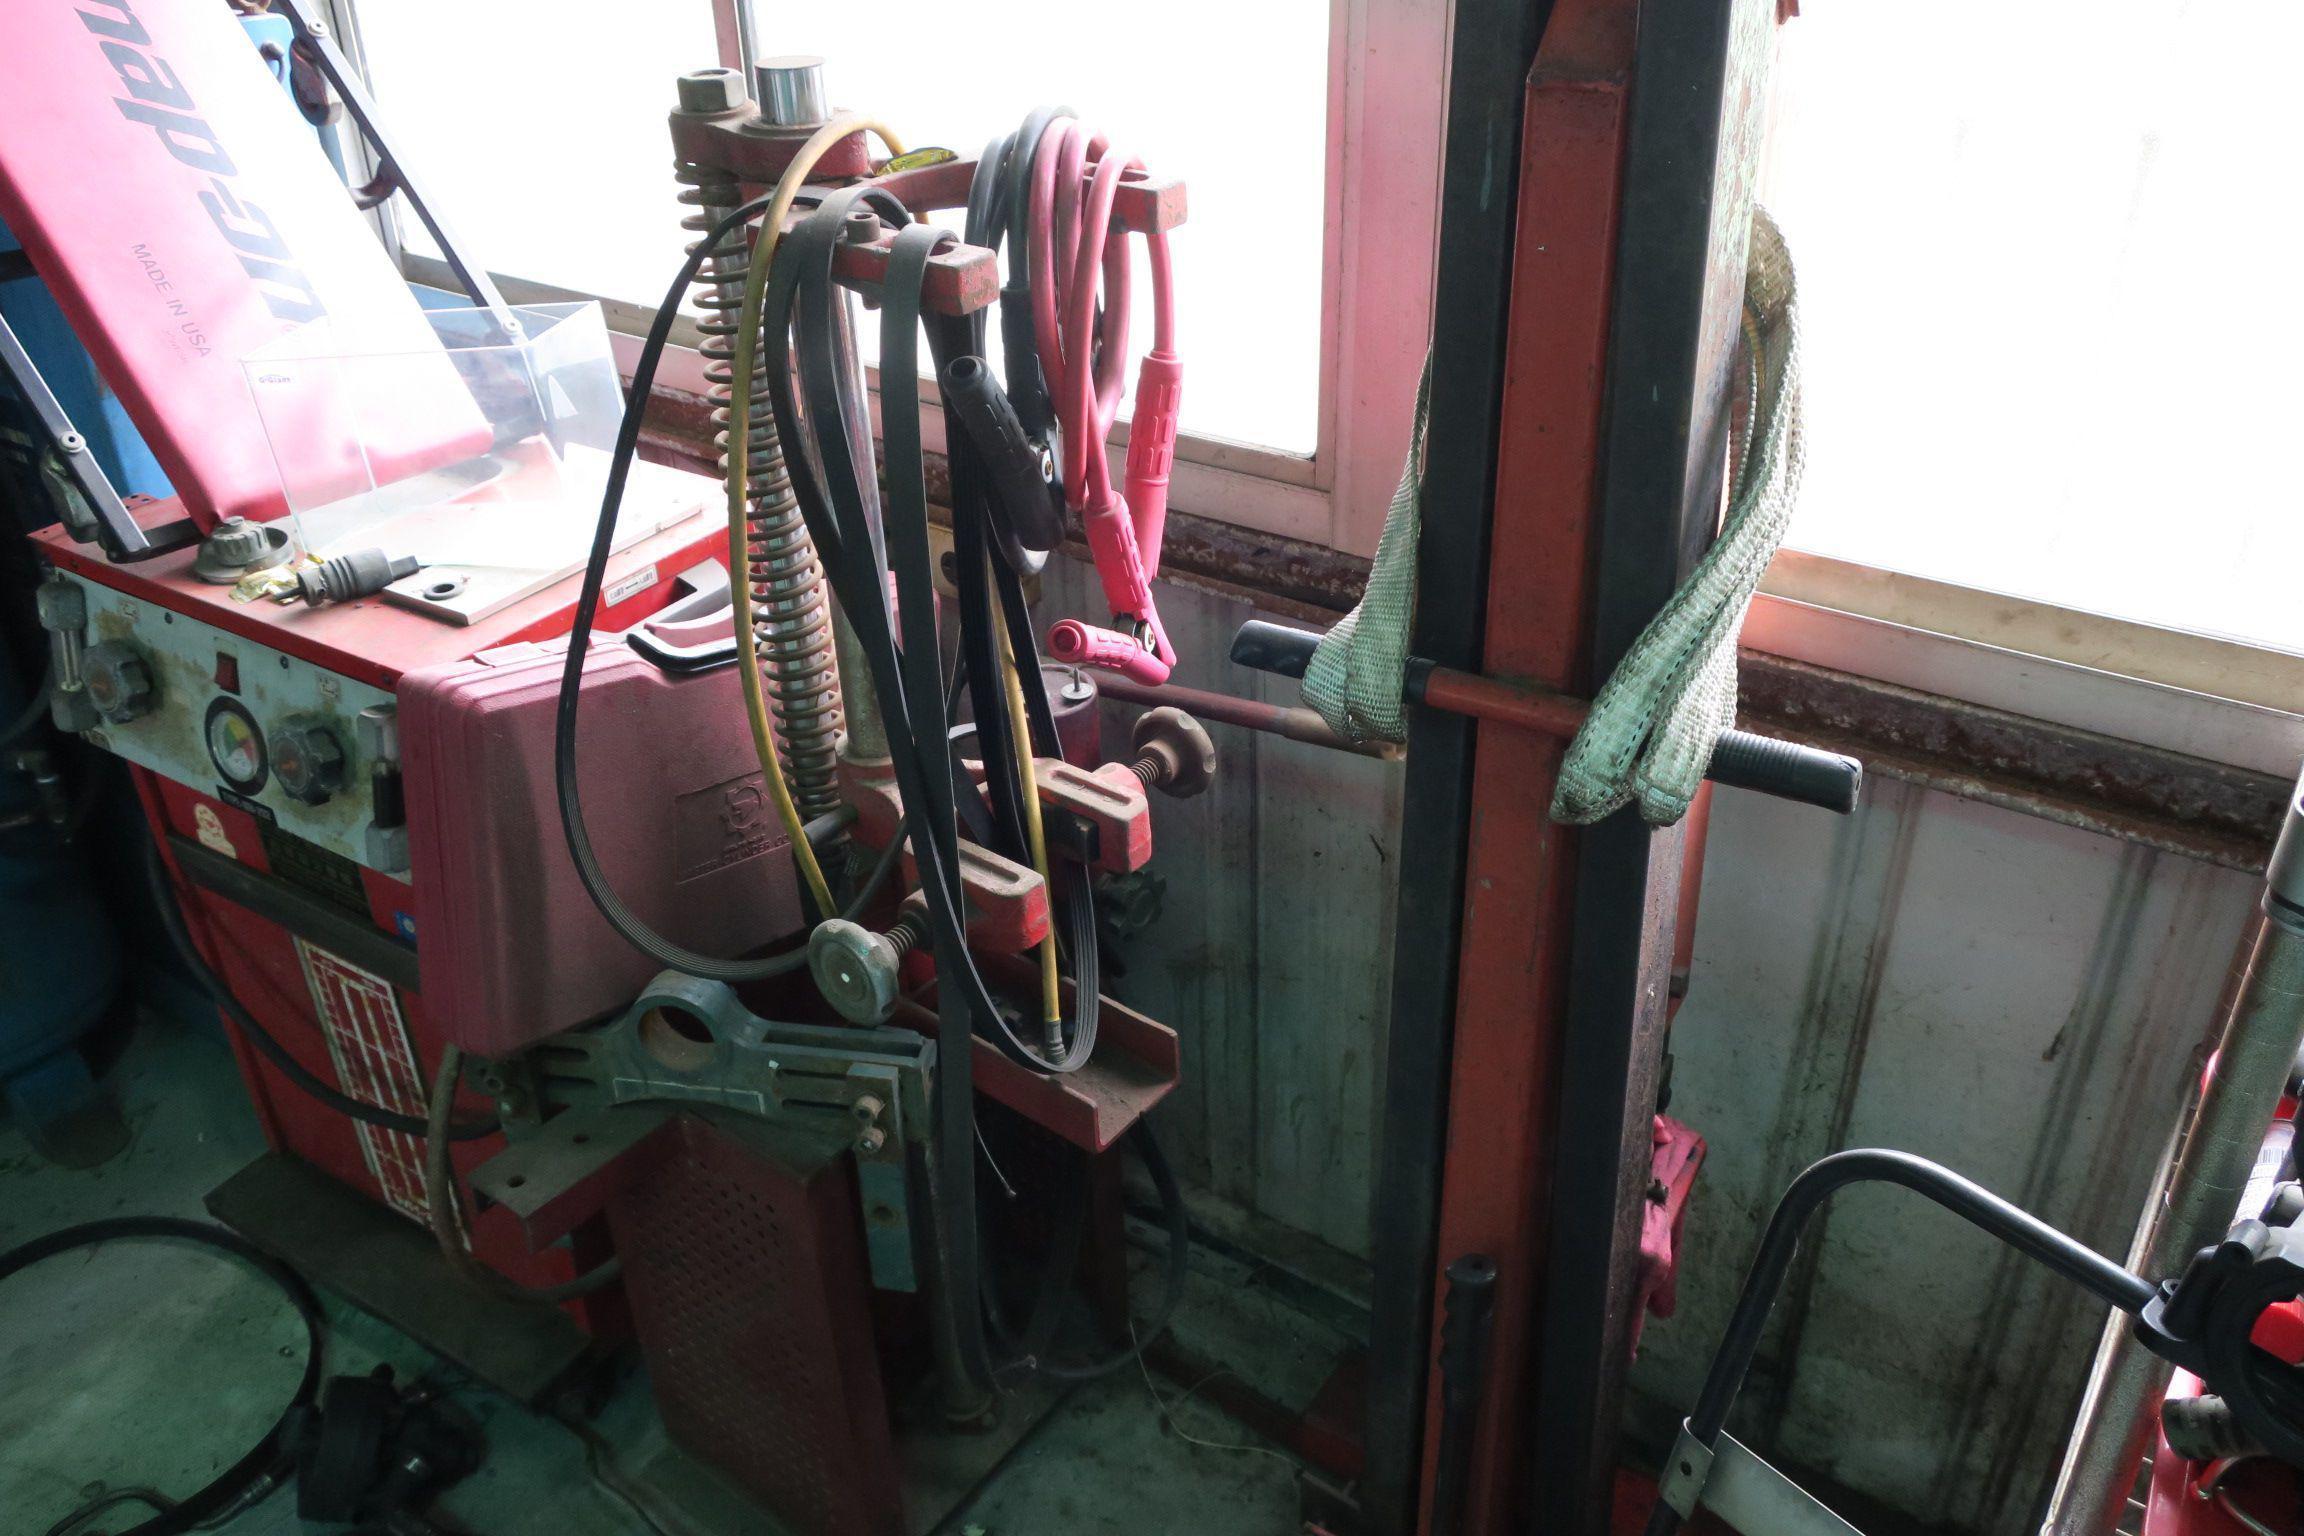 OiCar岳登汽車 引擎、變速箱拆卸掉具與避震器分解架